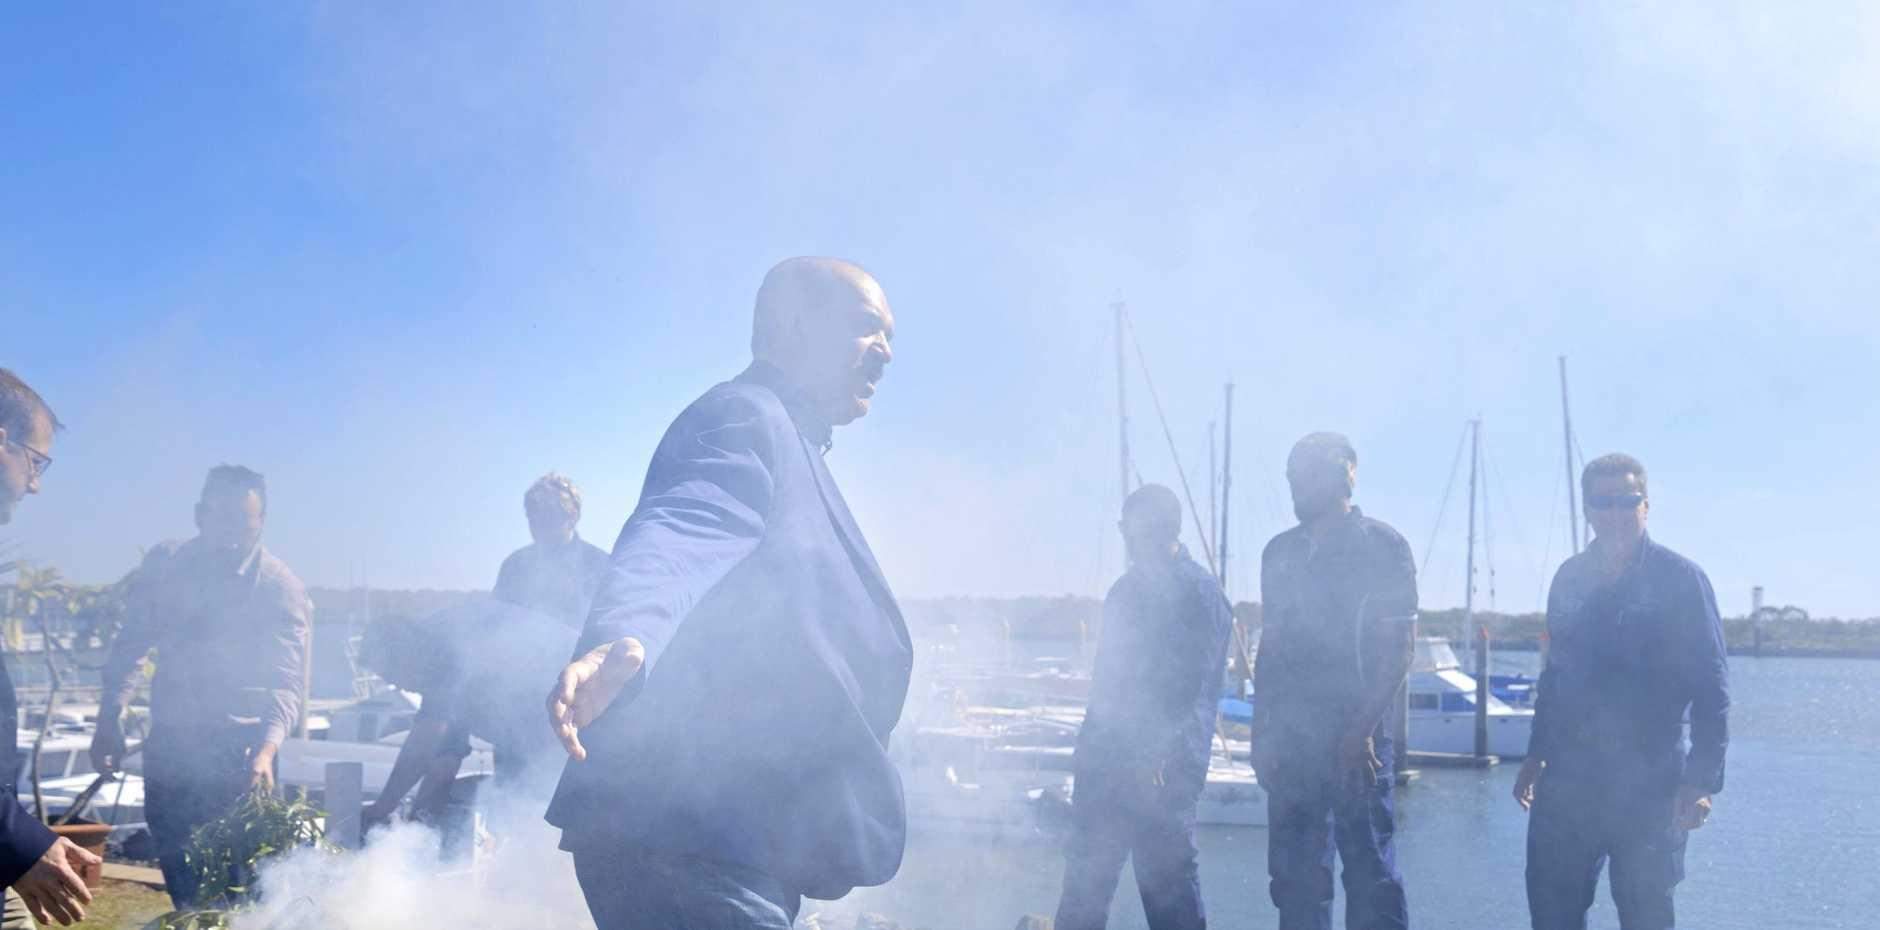 SMOKING CEREMONY: Kerry Blackman at the smoking ceremony at the Bundaberg Port Marina.